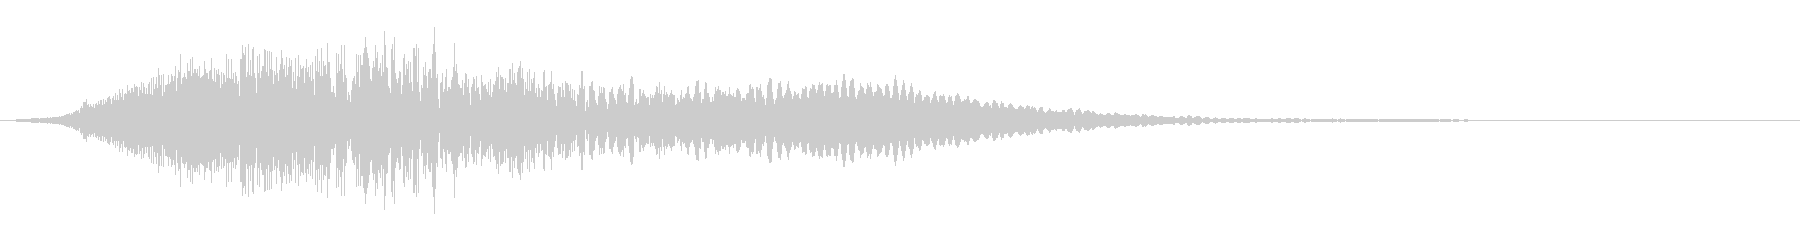 【ホラー】スリル SE_05 場面転換の未再生の波形